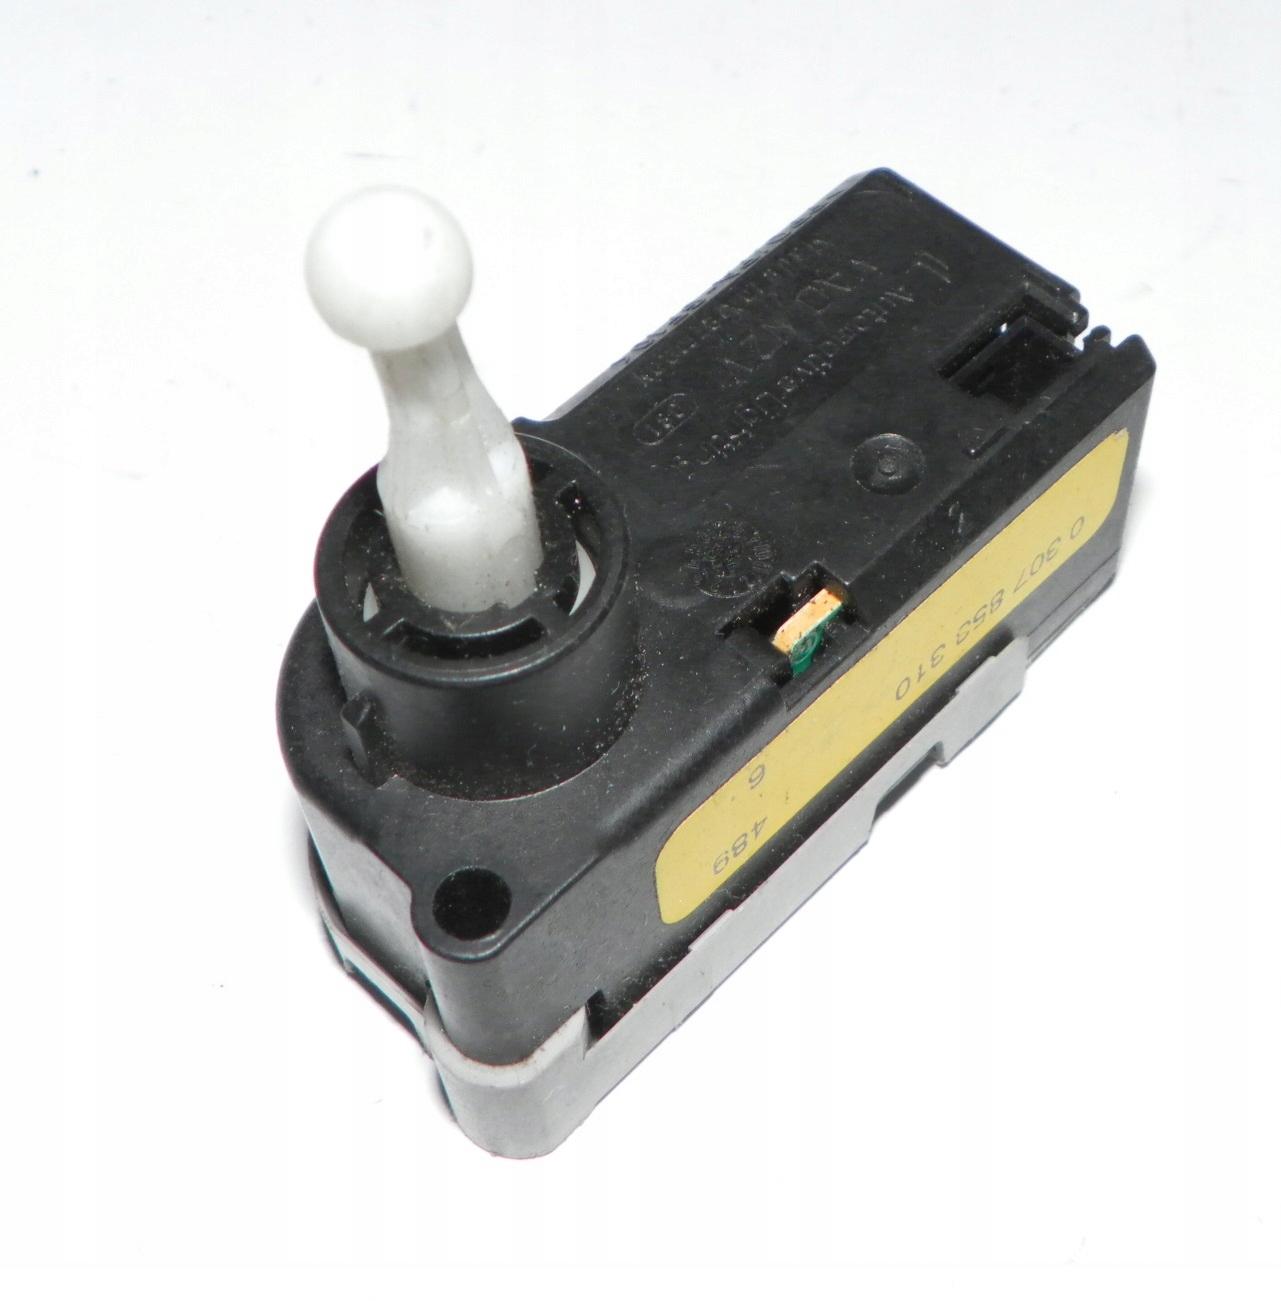 vw sharan гольф 4 двигатель регулирования лампы ксенон